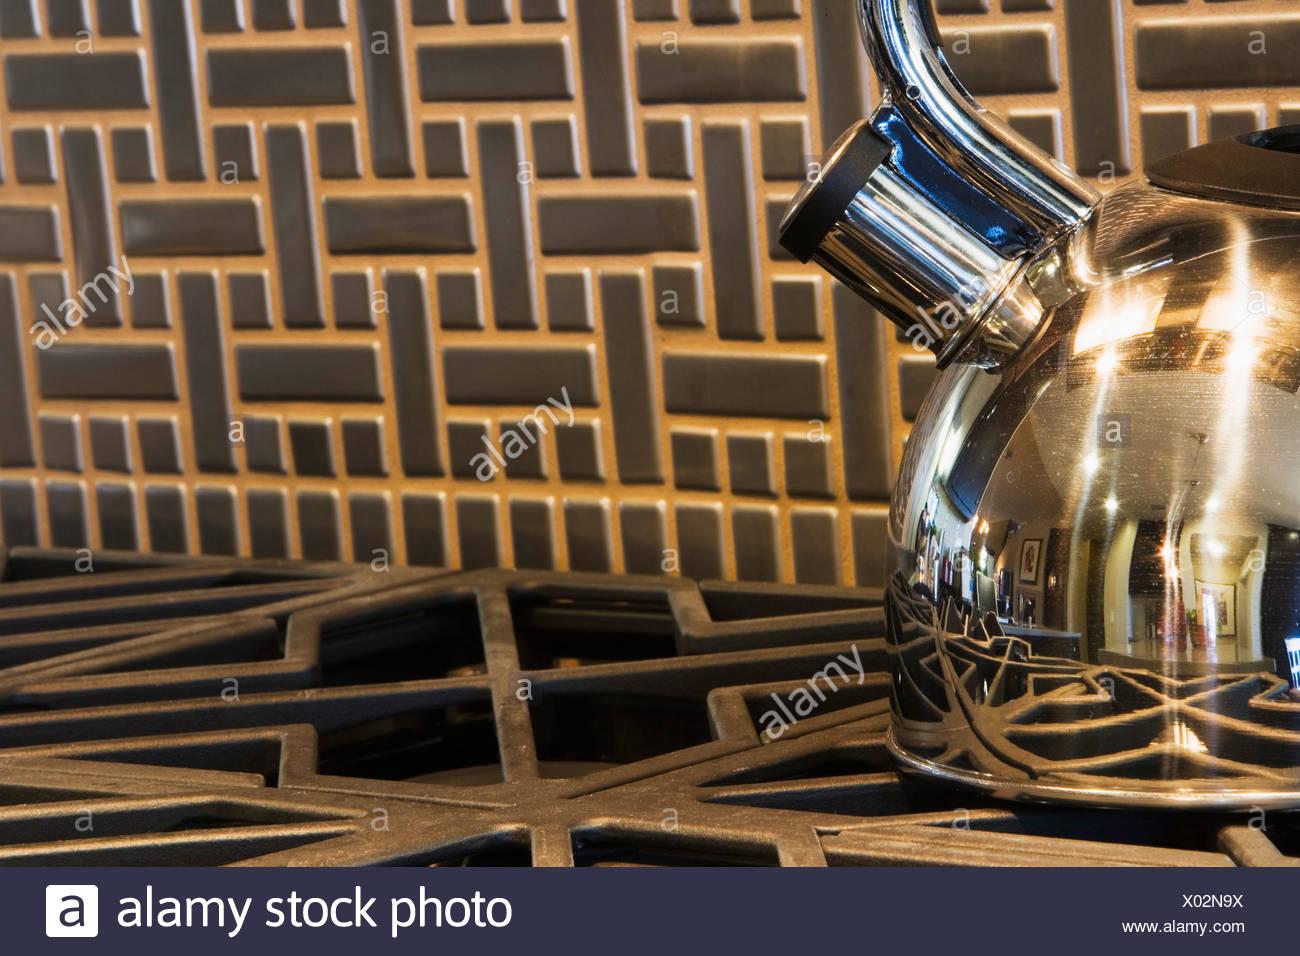 Stahl Teekanne Auf Herd Mit Fliesen Backsplash Stockbild